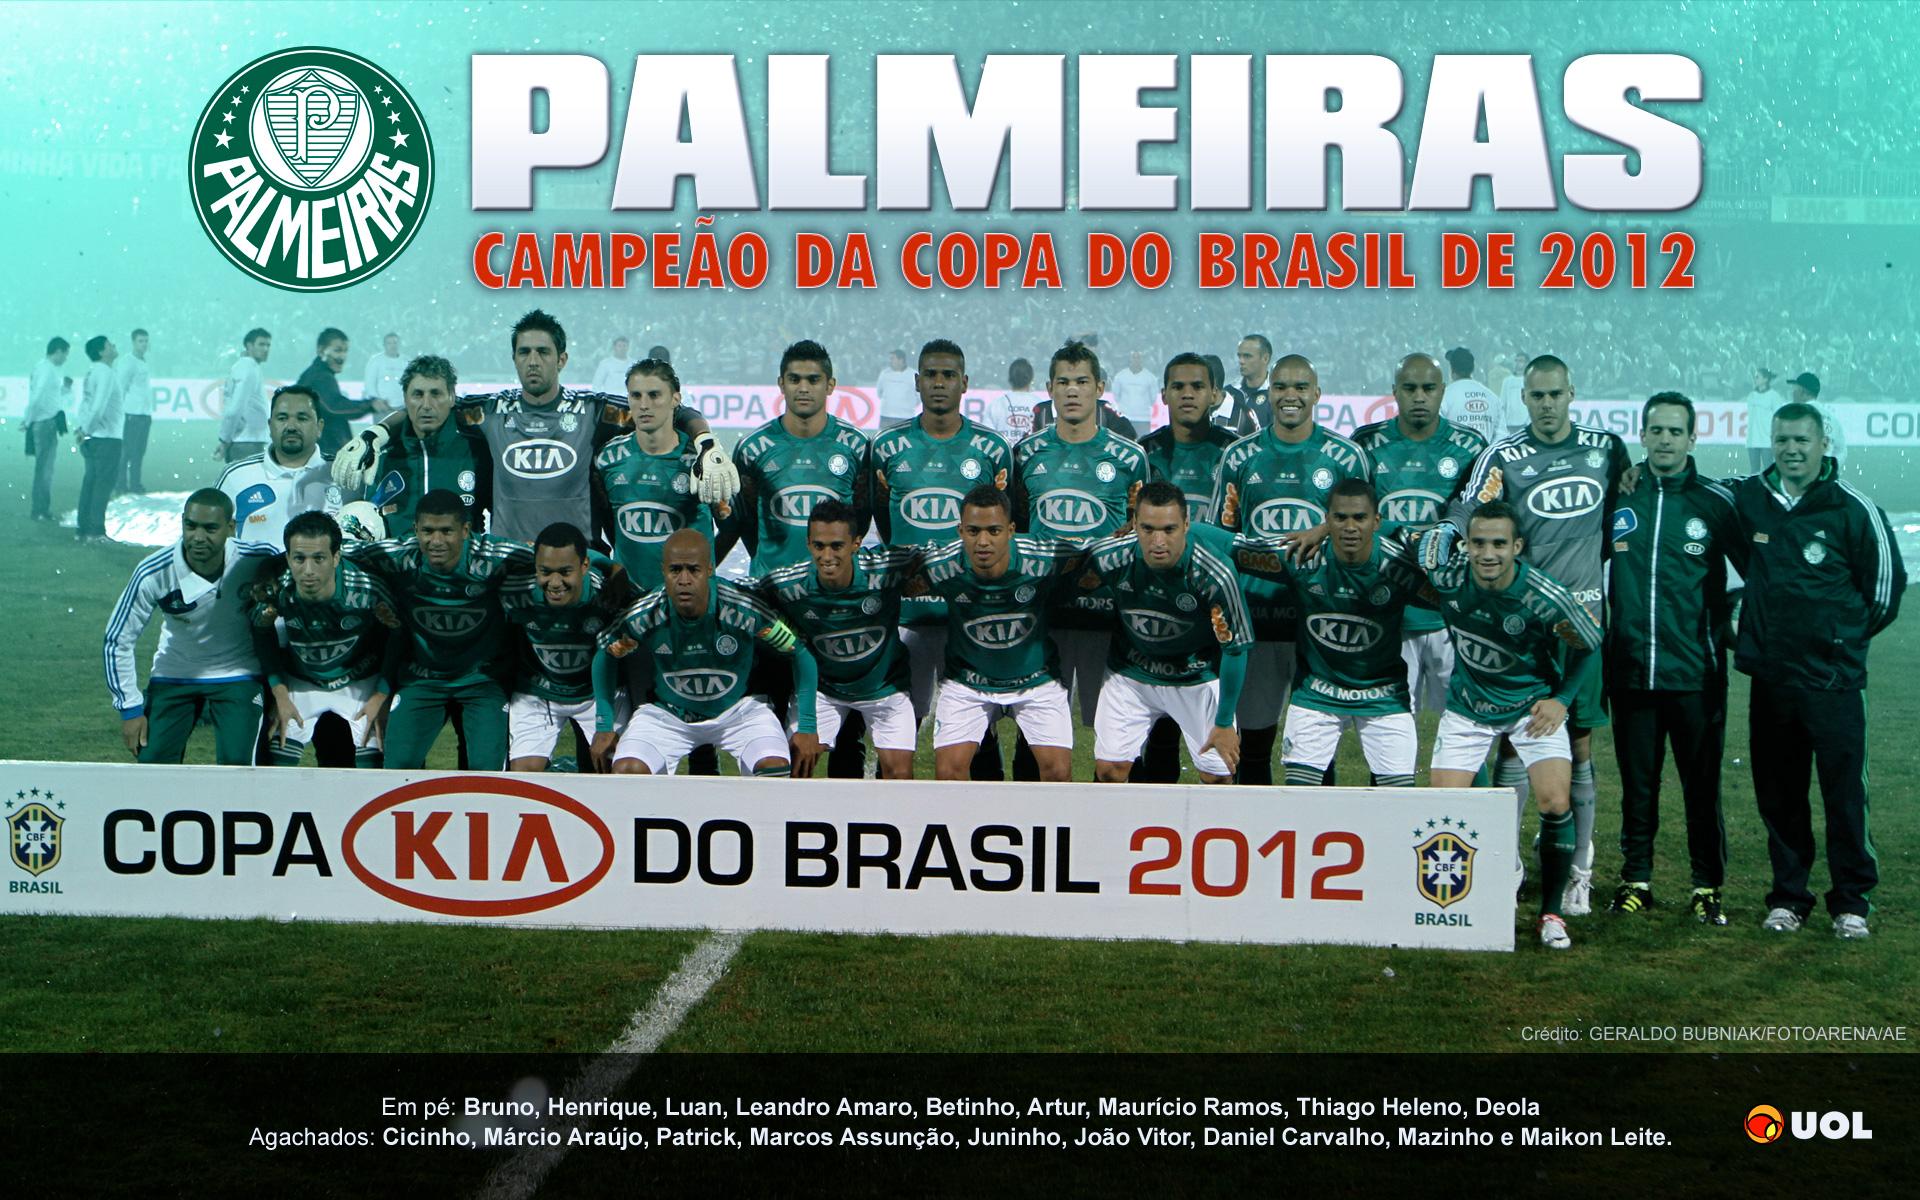 Wallpaper: Palmeiras Campeão da Copa do Brasil 2012 - 05